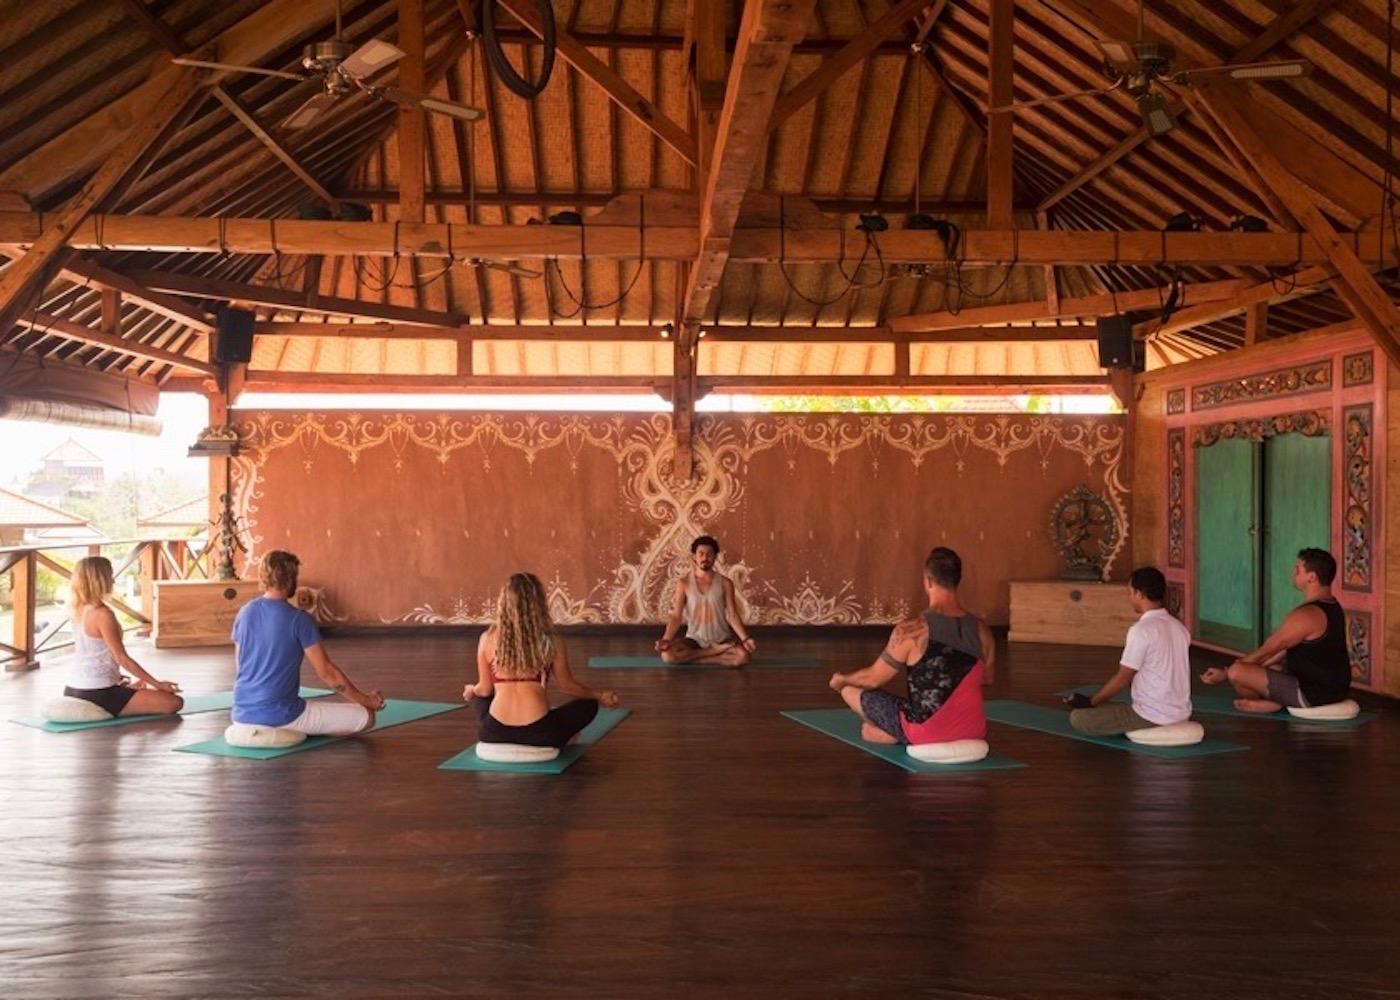 Yogis at Yoga Searcher studio in Uluwatu, Bali, Indonesia